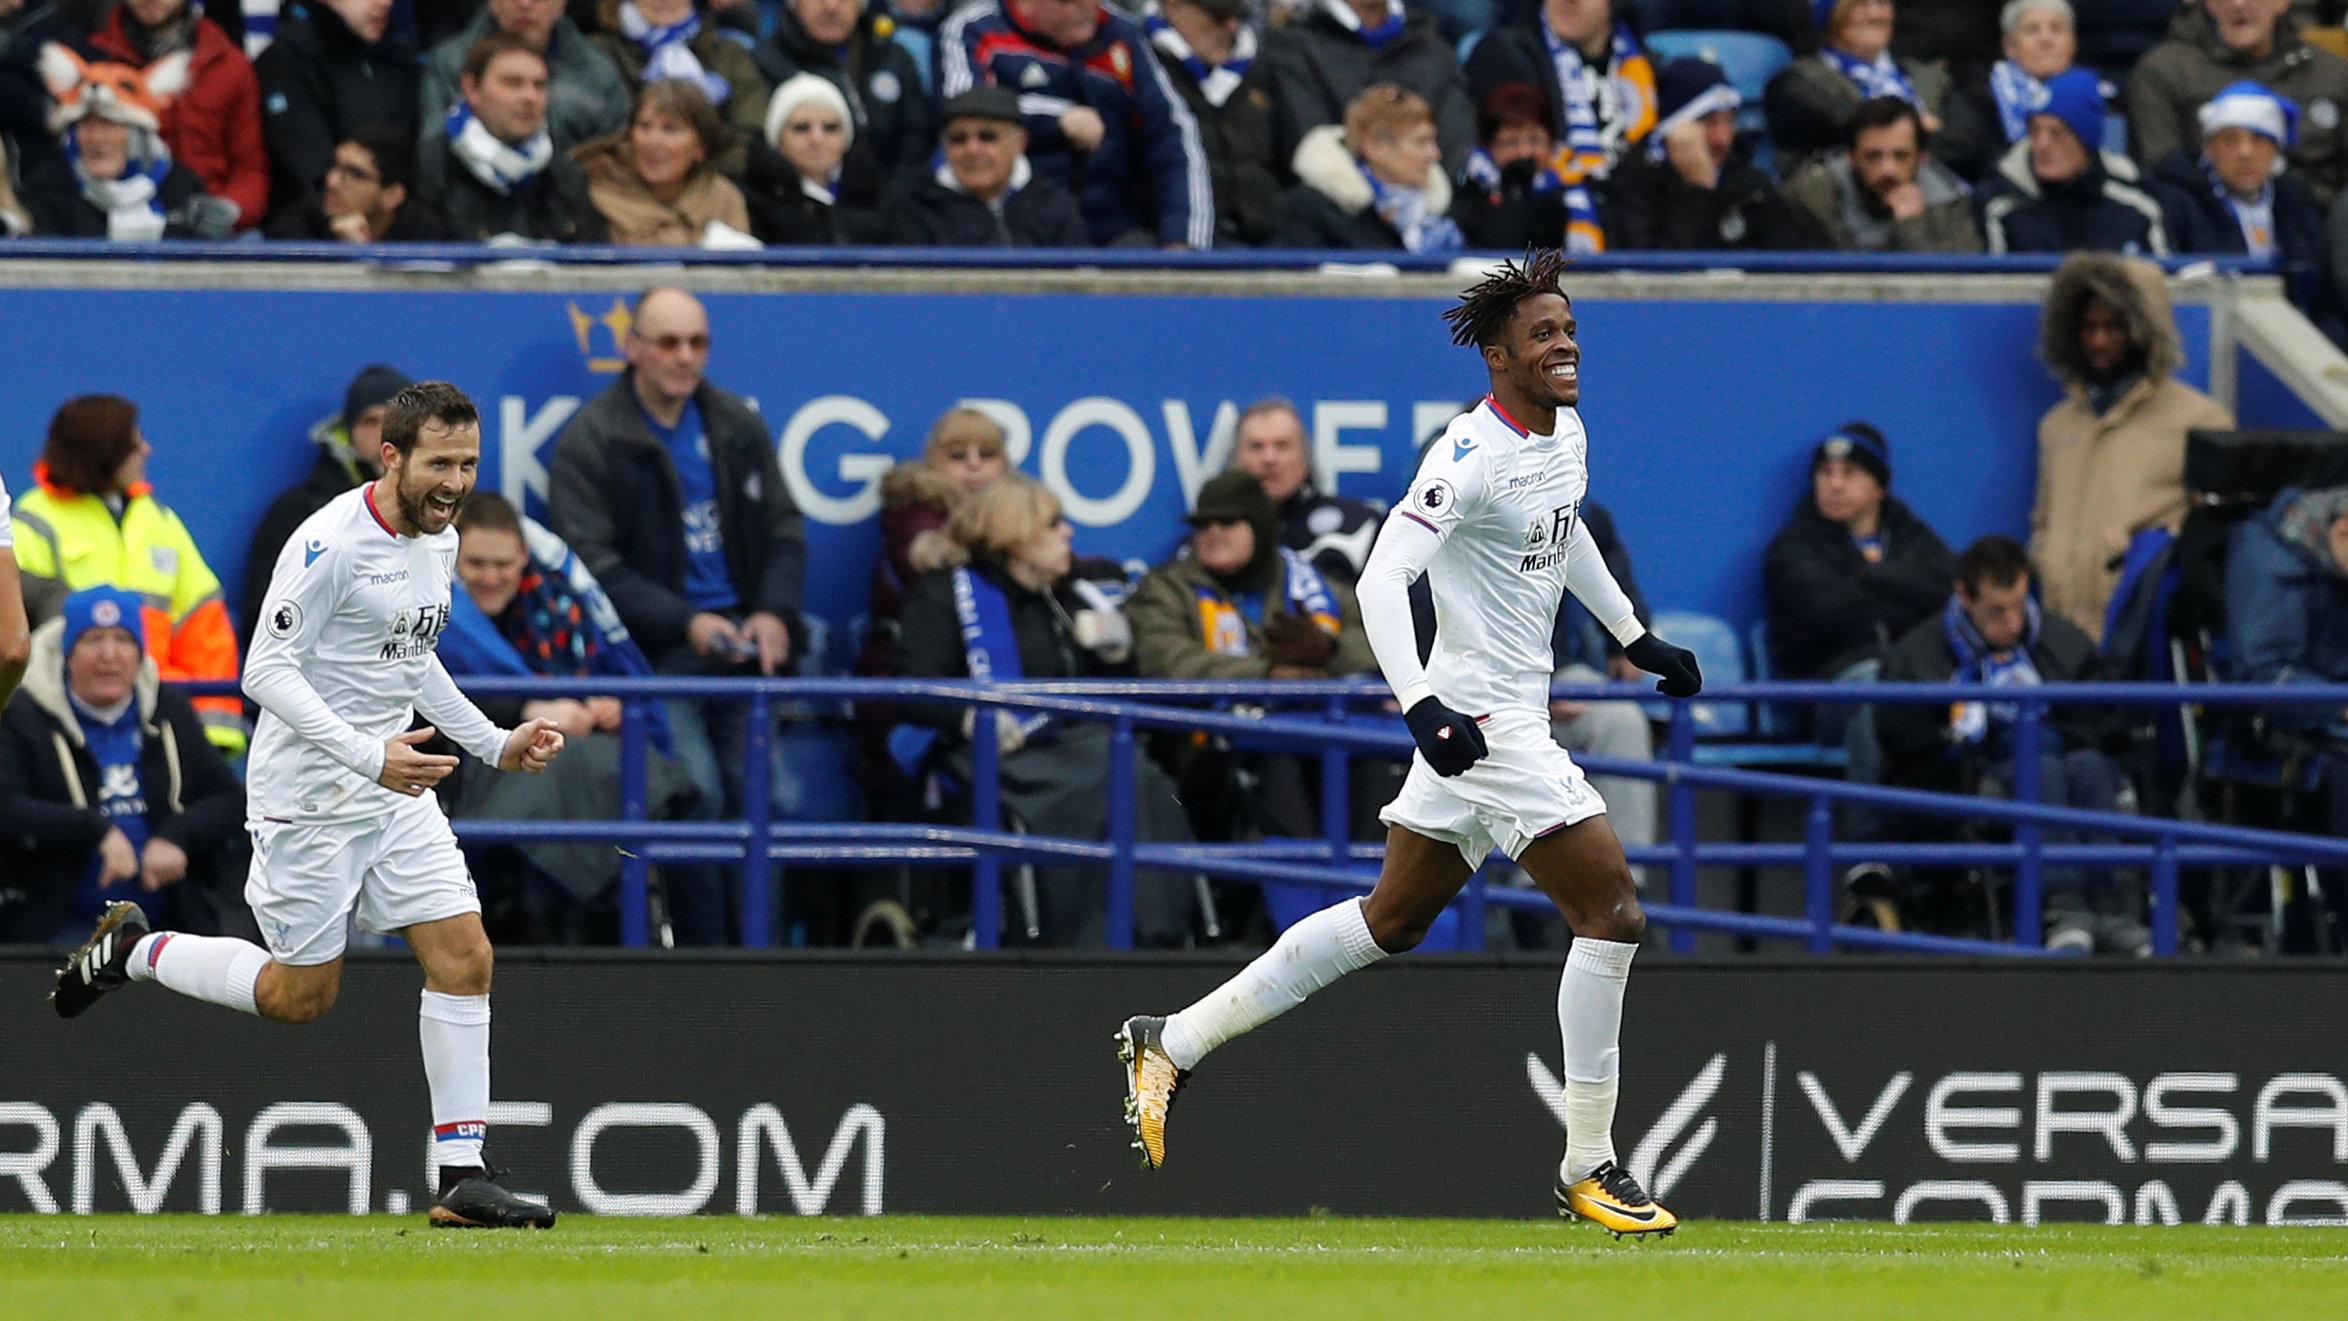 Niềm vui của Wilfried Zaha (phải) sau khi nâng tỉ số lên 2-0 cho Crystal Palace. Ảnh: REUTERS